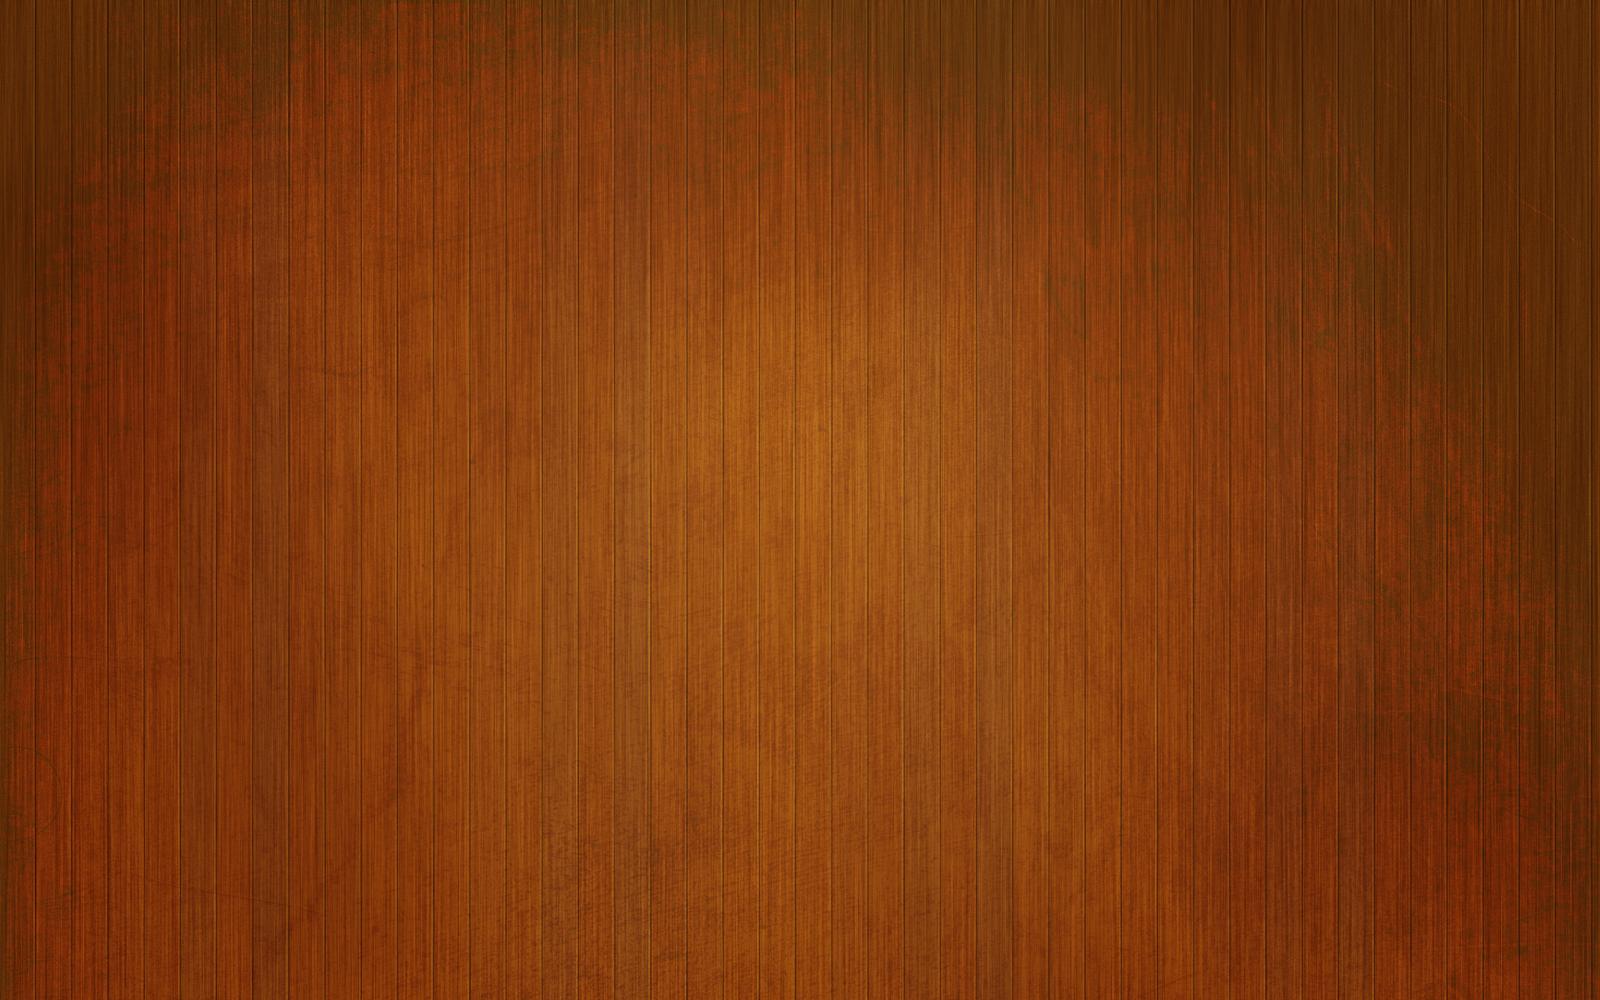 Brown Wallpaper High Definition 6996 Wallpaper Cool Walldiskpaper 1600x1000